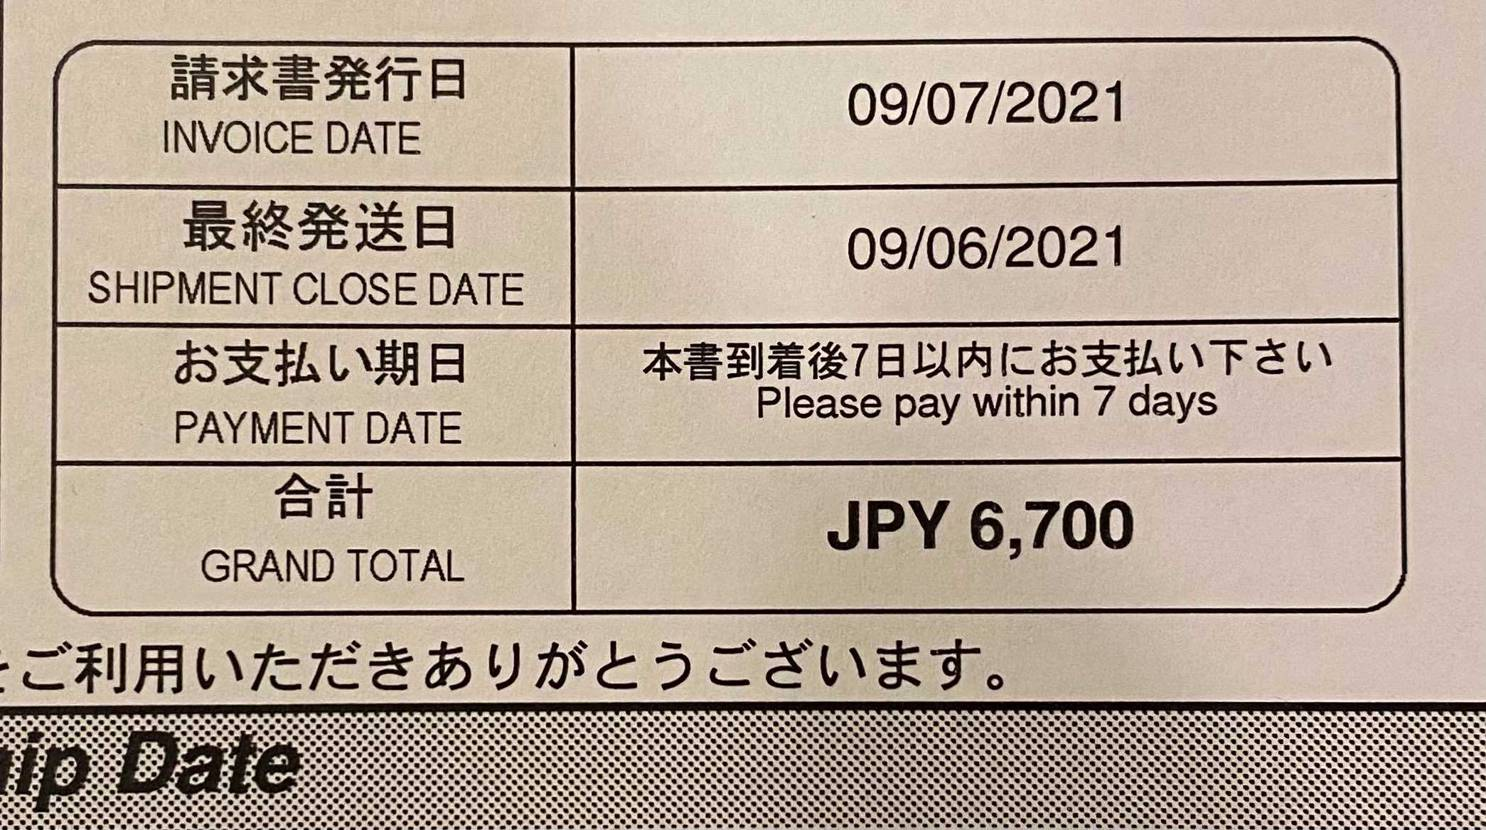 END.から届いた分の関税の通知が届きました 思ったより高かった… 結果¥3